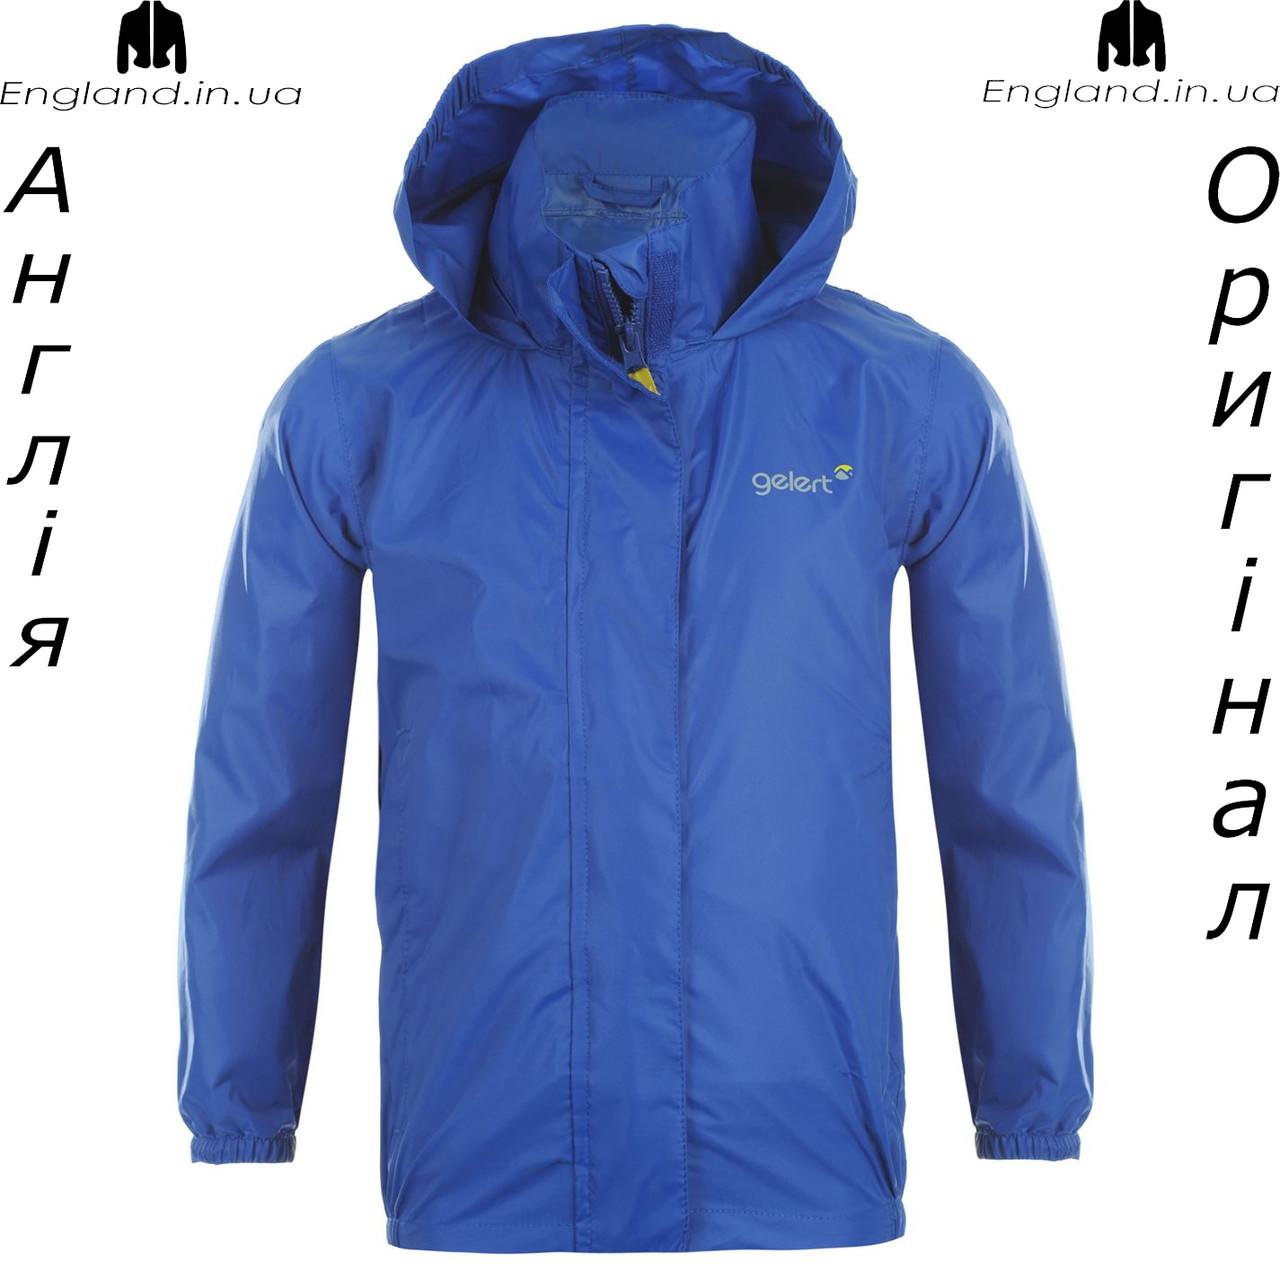 Куртка сумка Gelert из Англии для мальчиков 2-14 лет - водонепроницаемая голубая